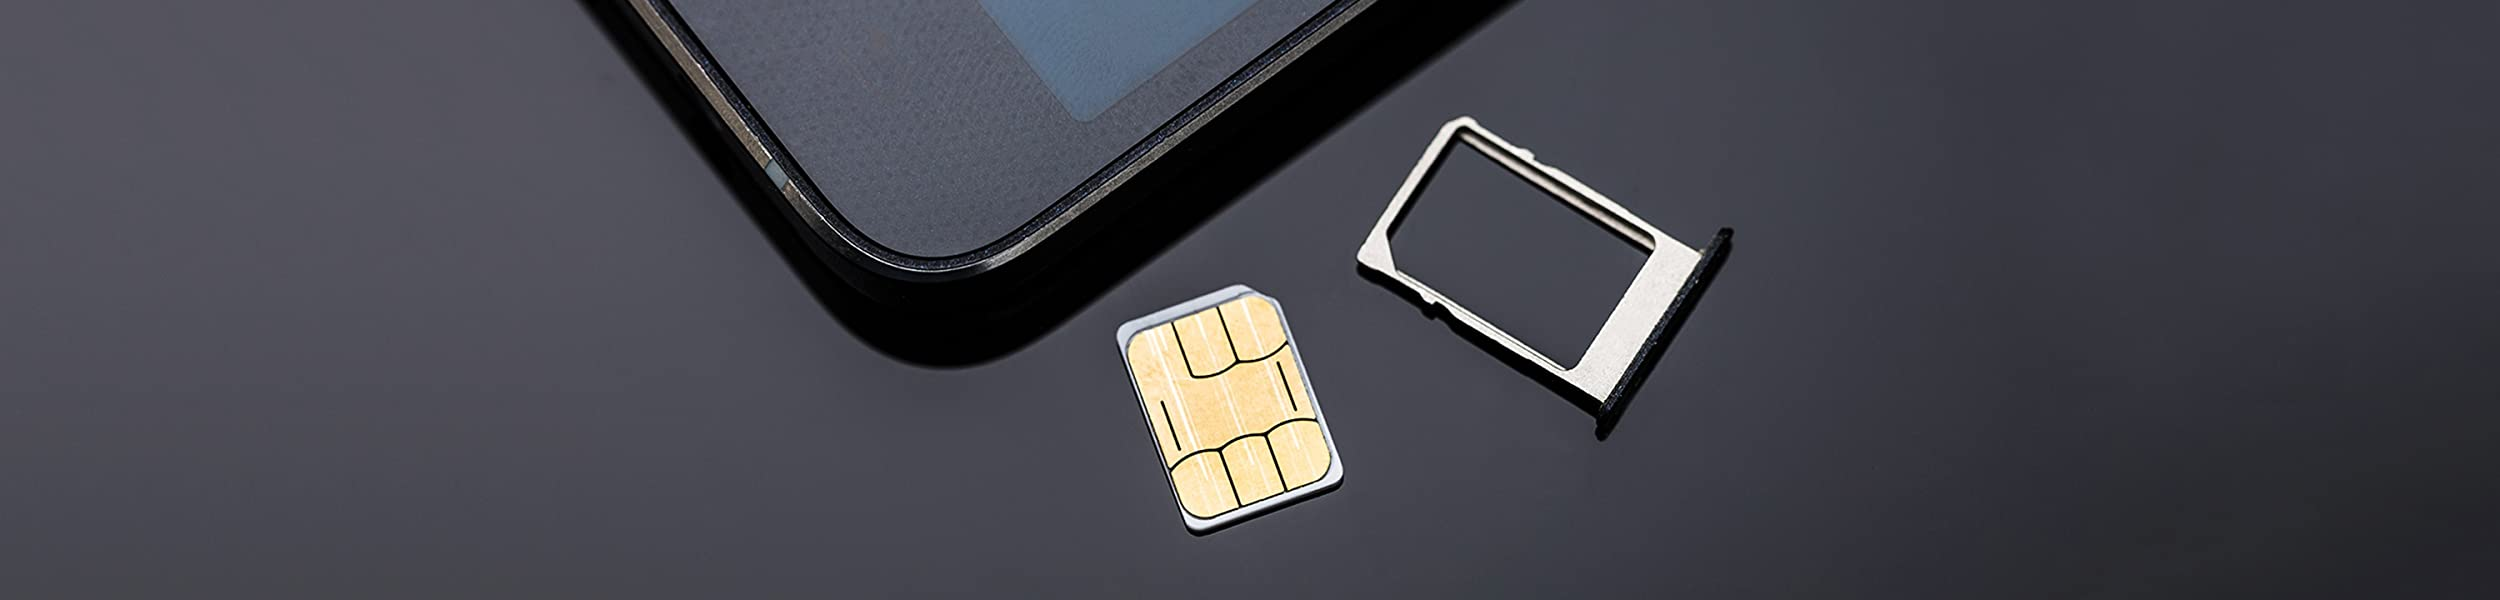 格安SIMカード選び方ガイド / 通信料金を節約しよう